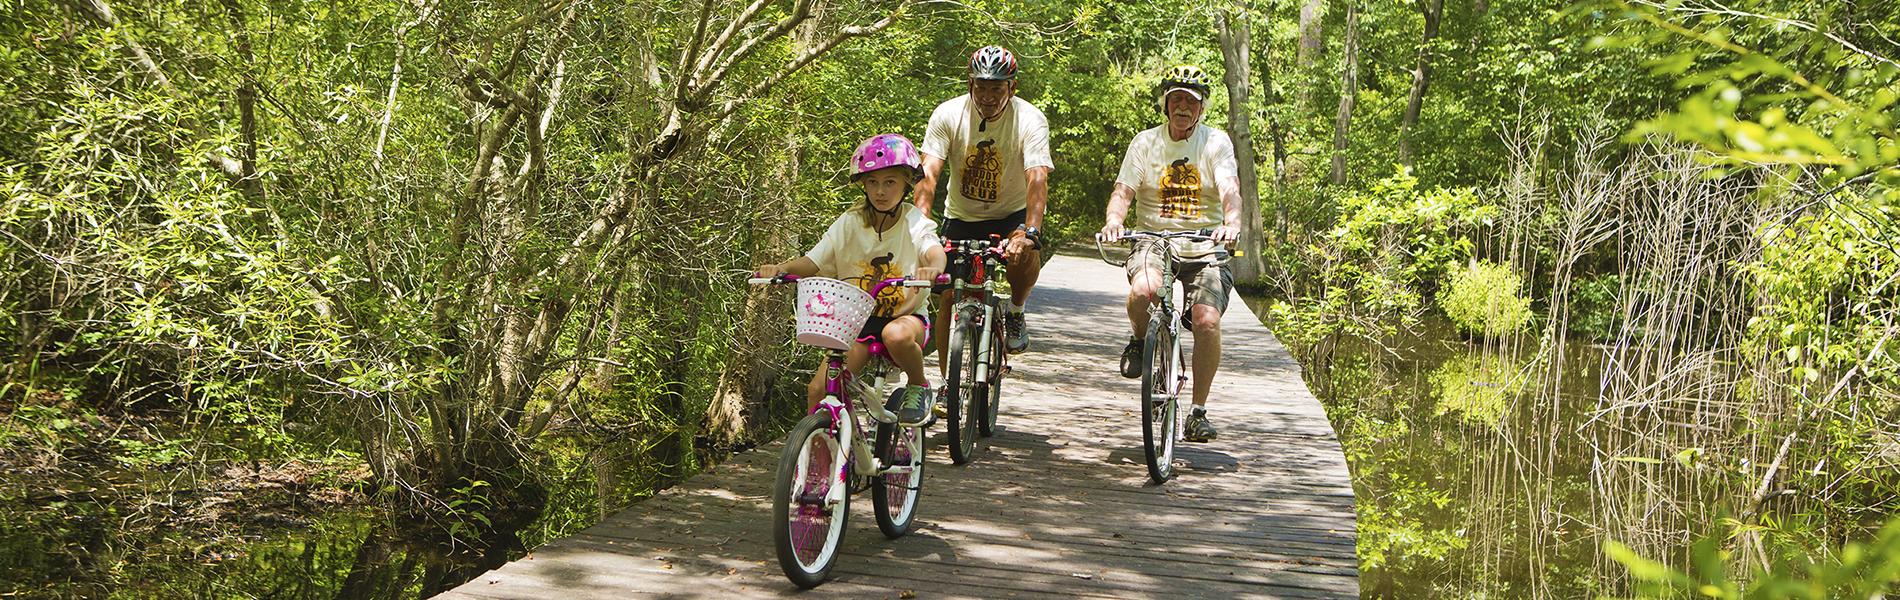 Biking at Magnolia Springs